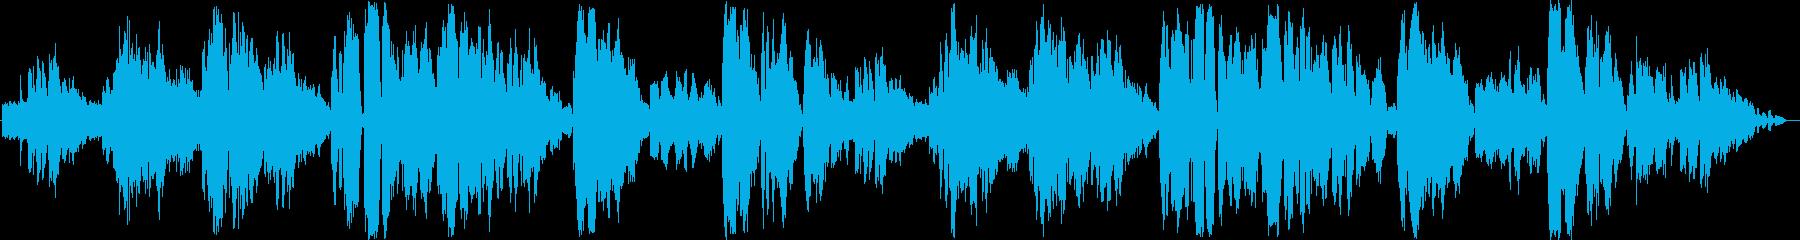 疾走感のあるナポリ民謡の再生済みの波形